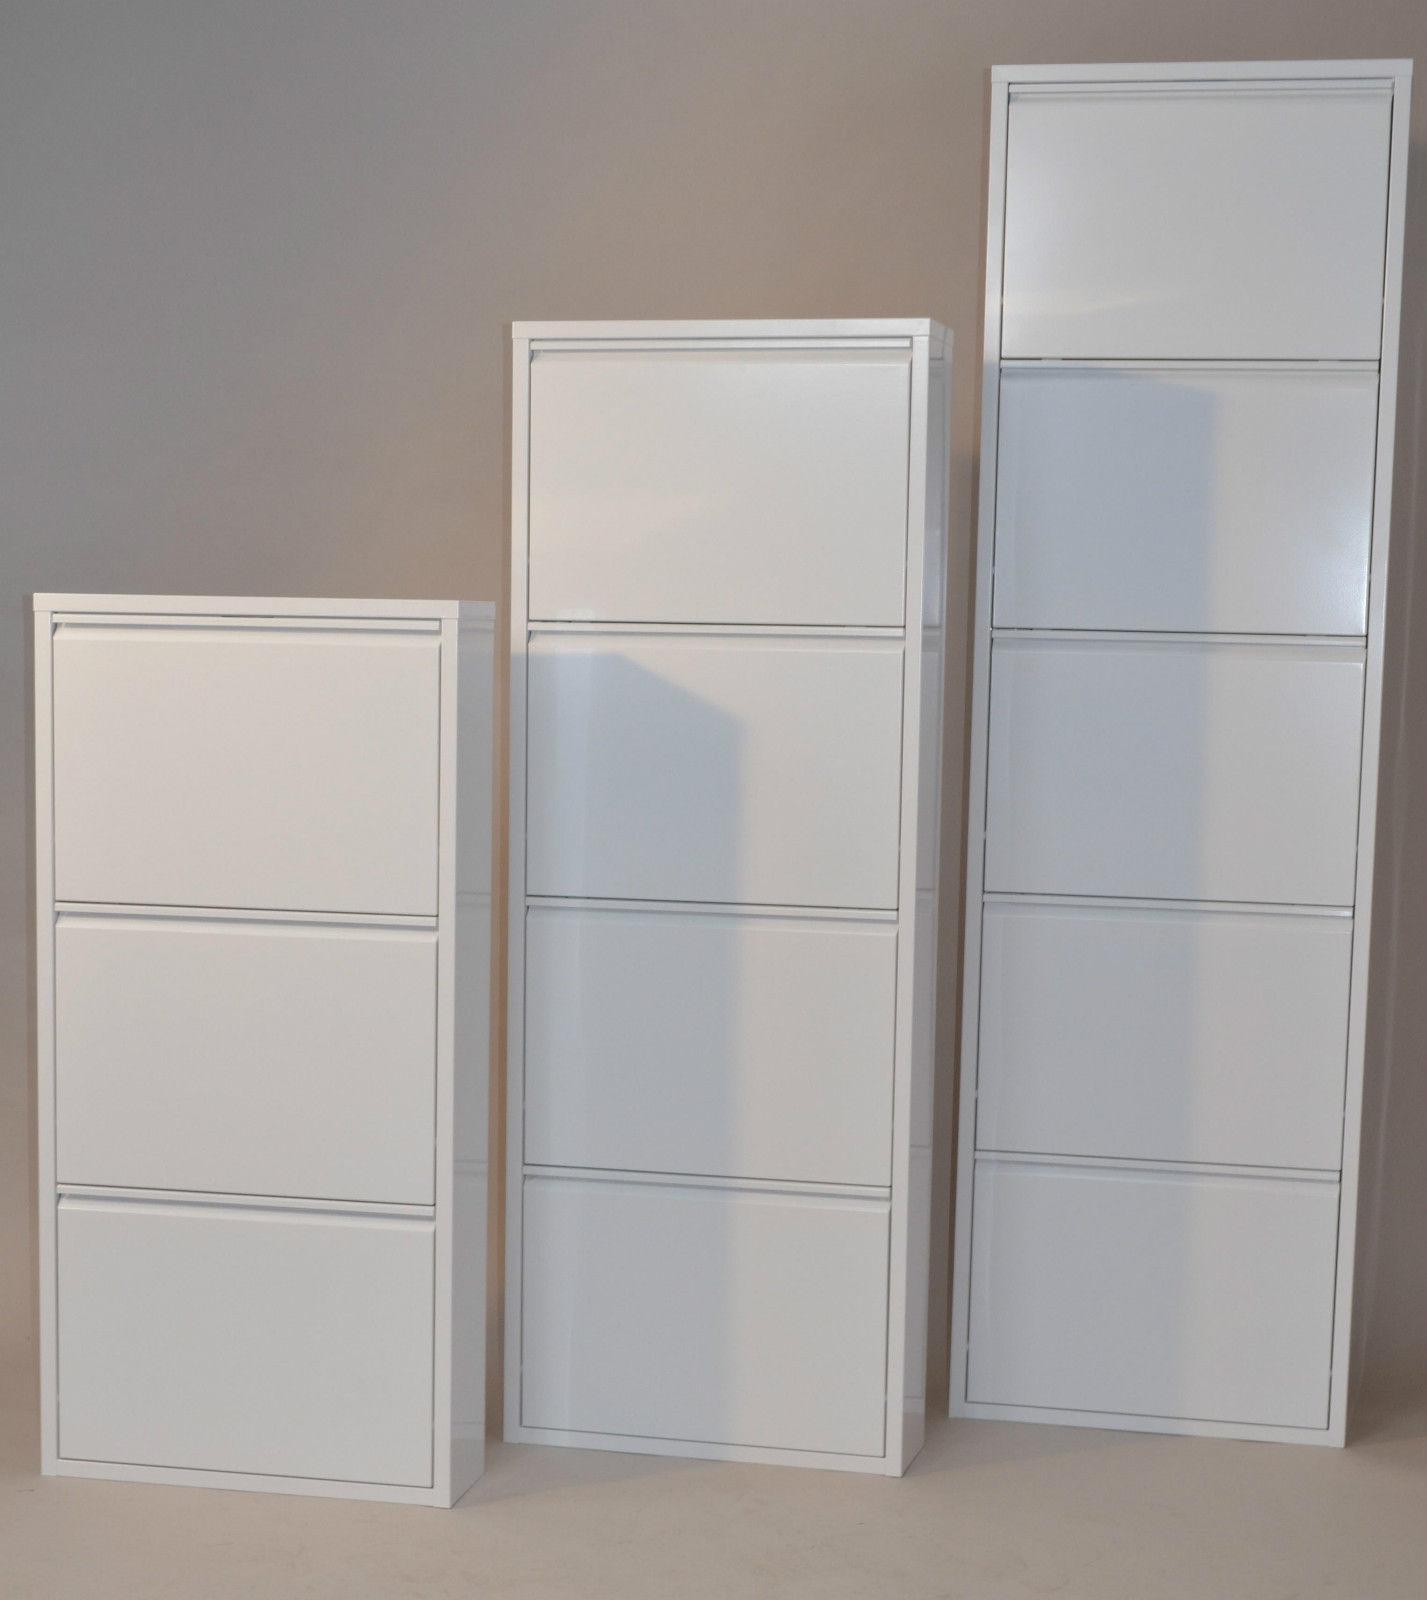 Schuhschrank Design moderner metall schuhschrank weiß 3 klappen schuhkipper schuhregal